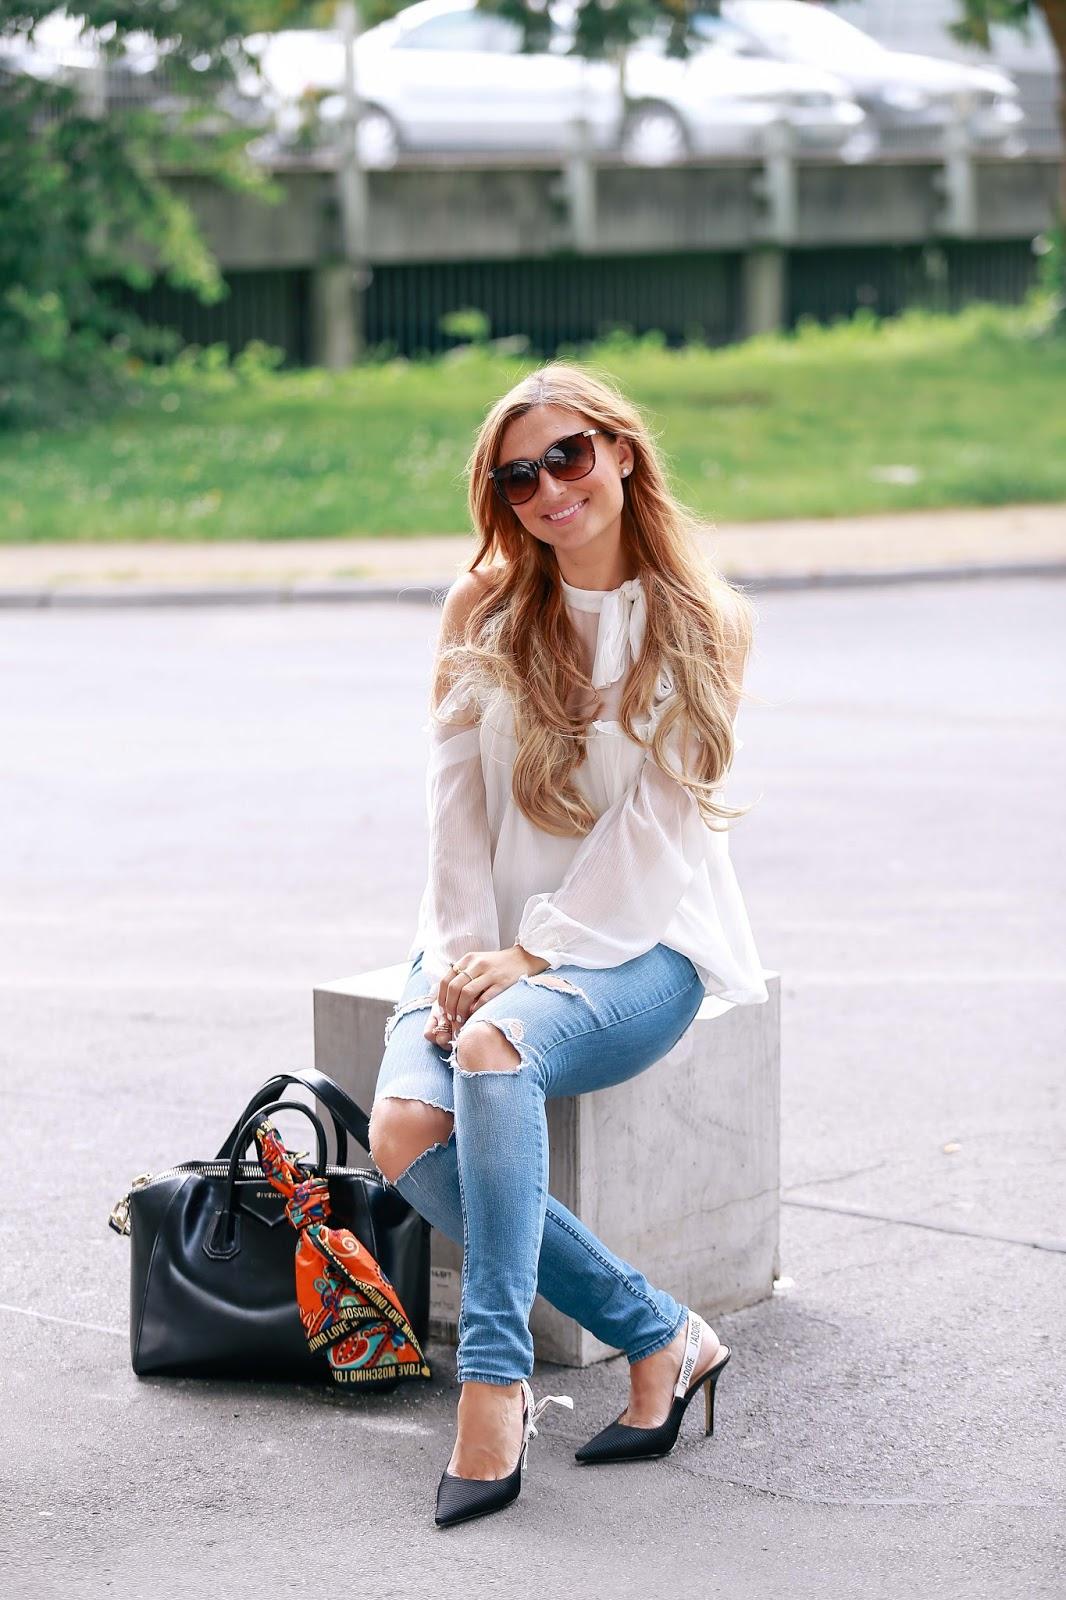 dior-high-heels-fashionstylebyjohanna-fashionblogger-aus-frankfurt-icard-miranda-Tasche-mit-tuch-blogger-deutsche-fashionblogger-fashionblogger-aus-deutschland